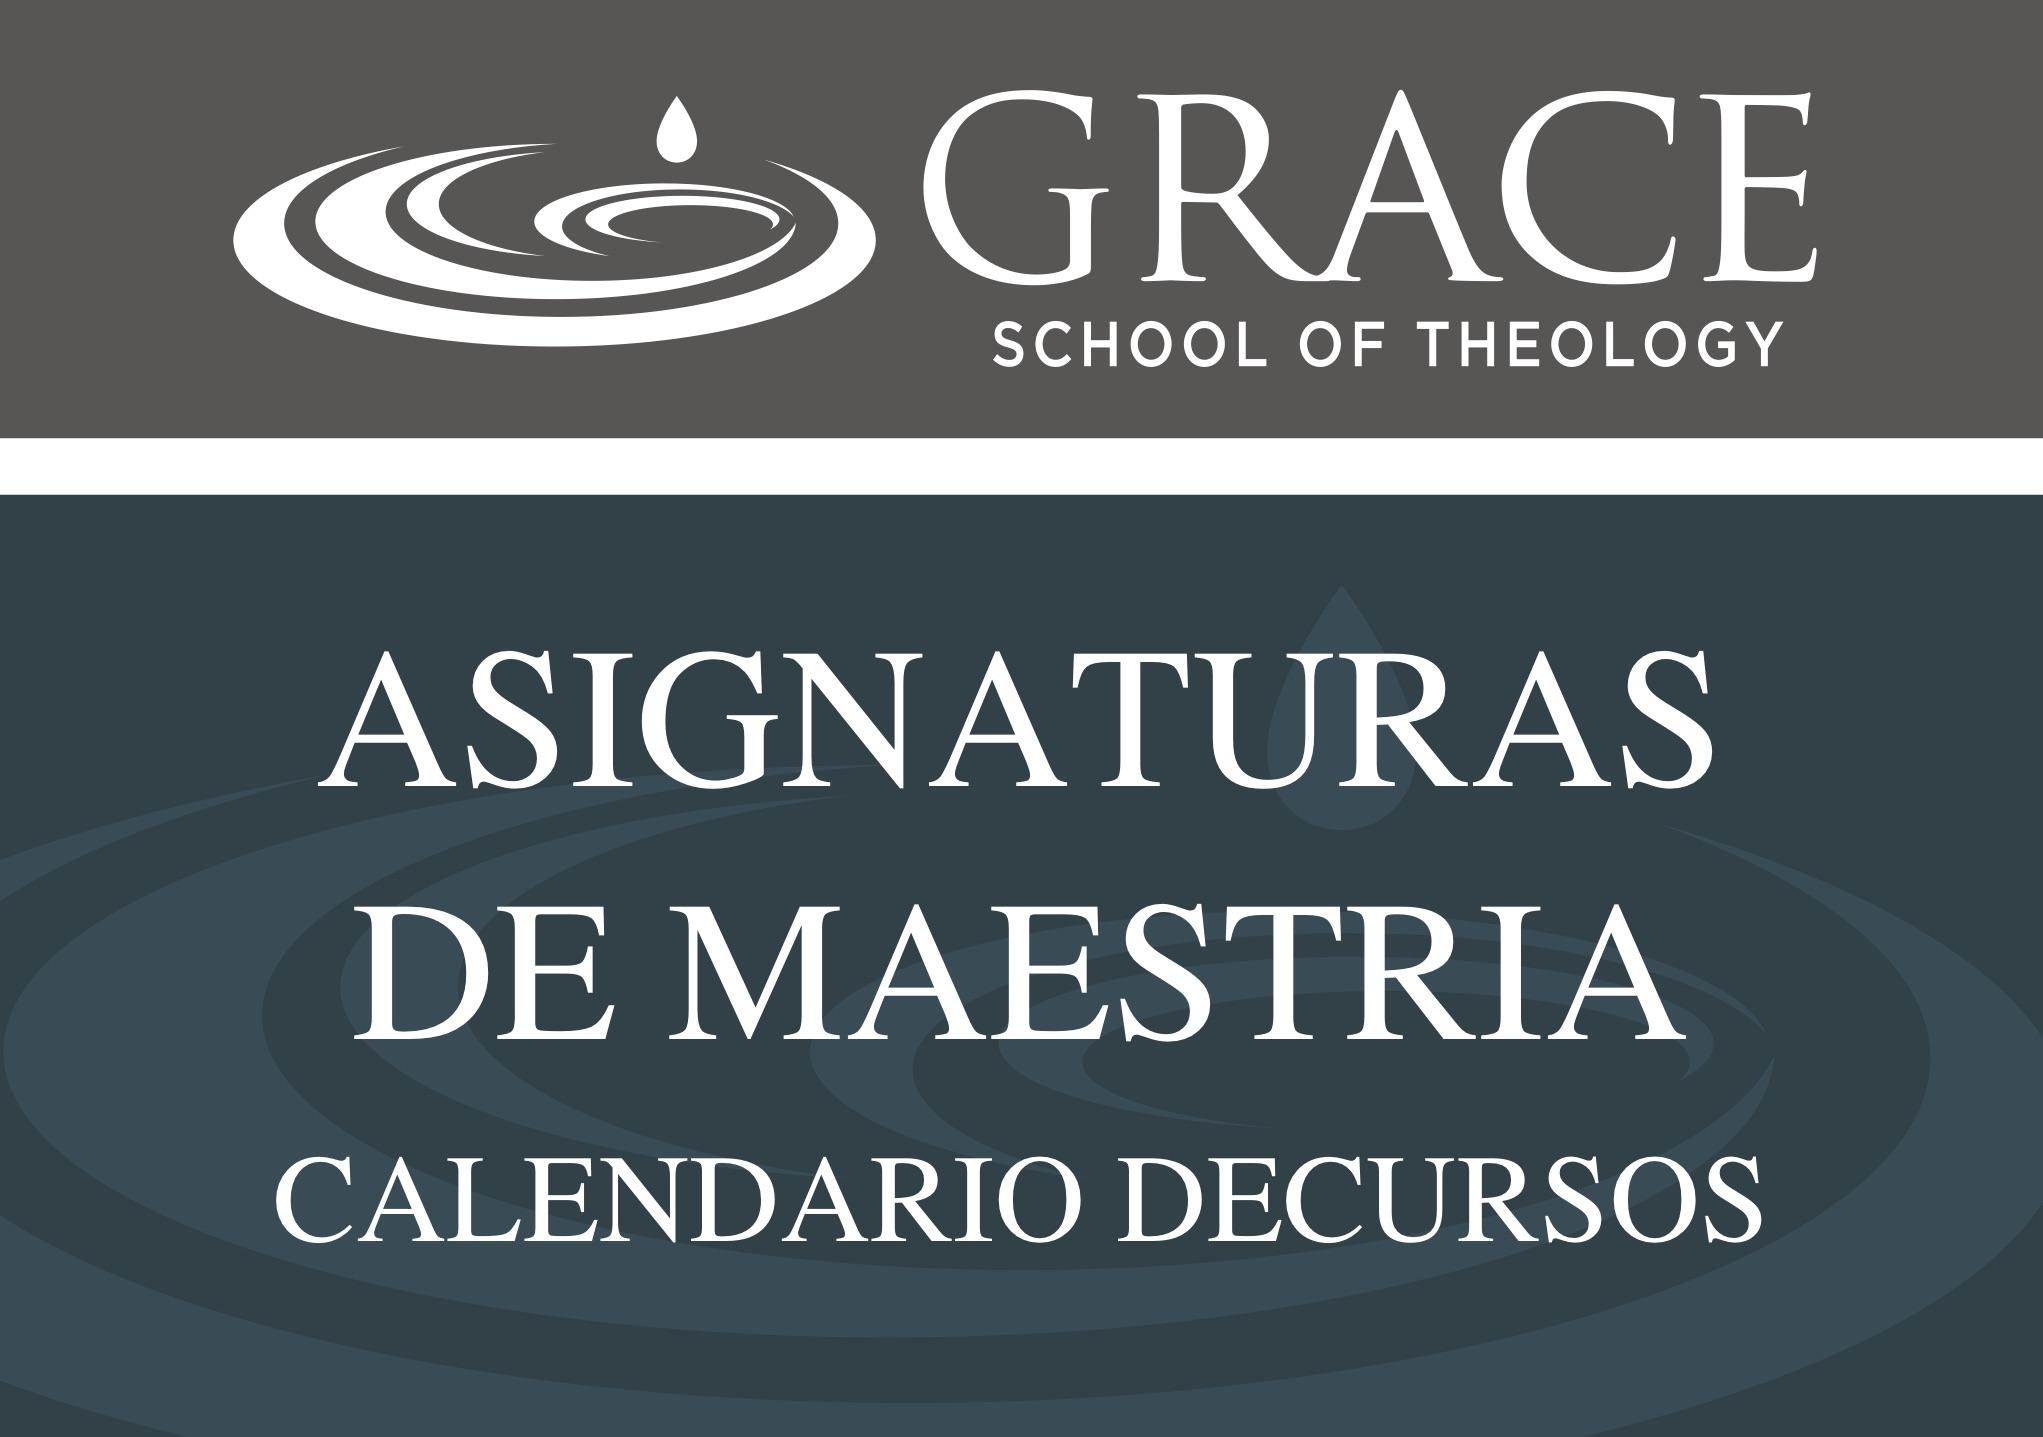 ASIGNATURAS DE MAESTRIA